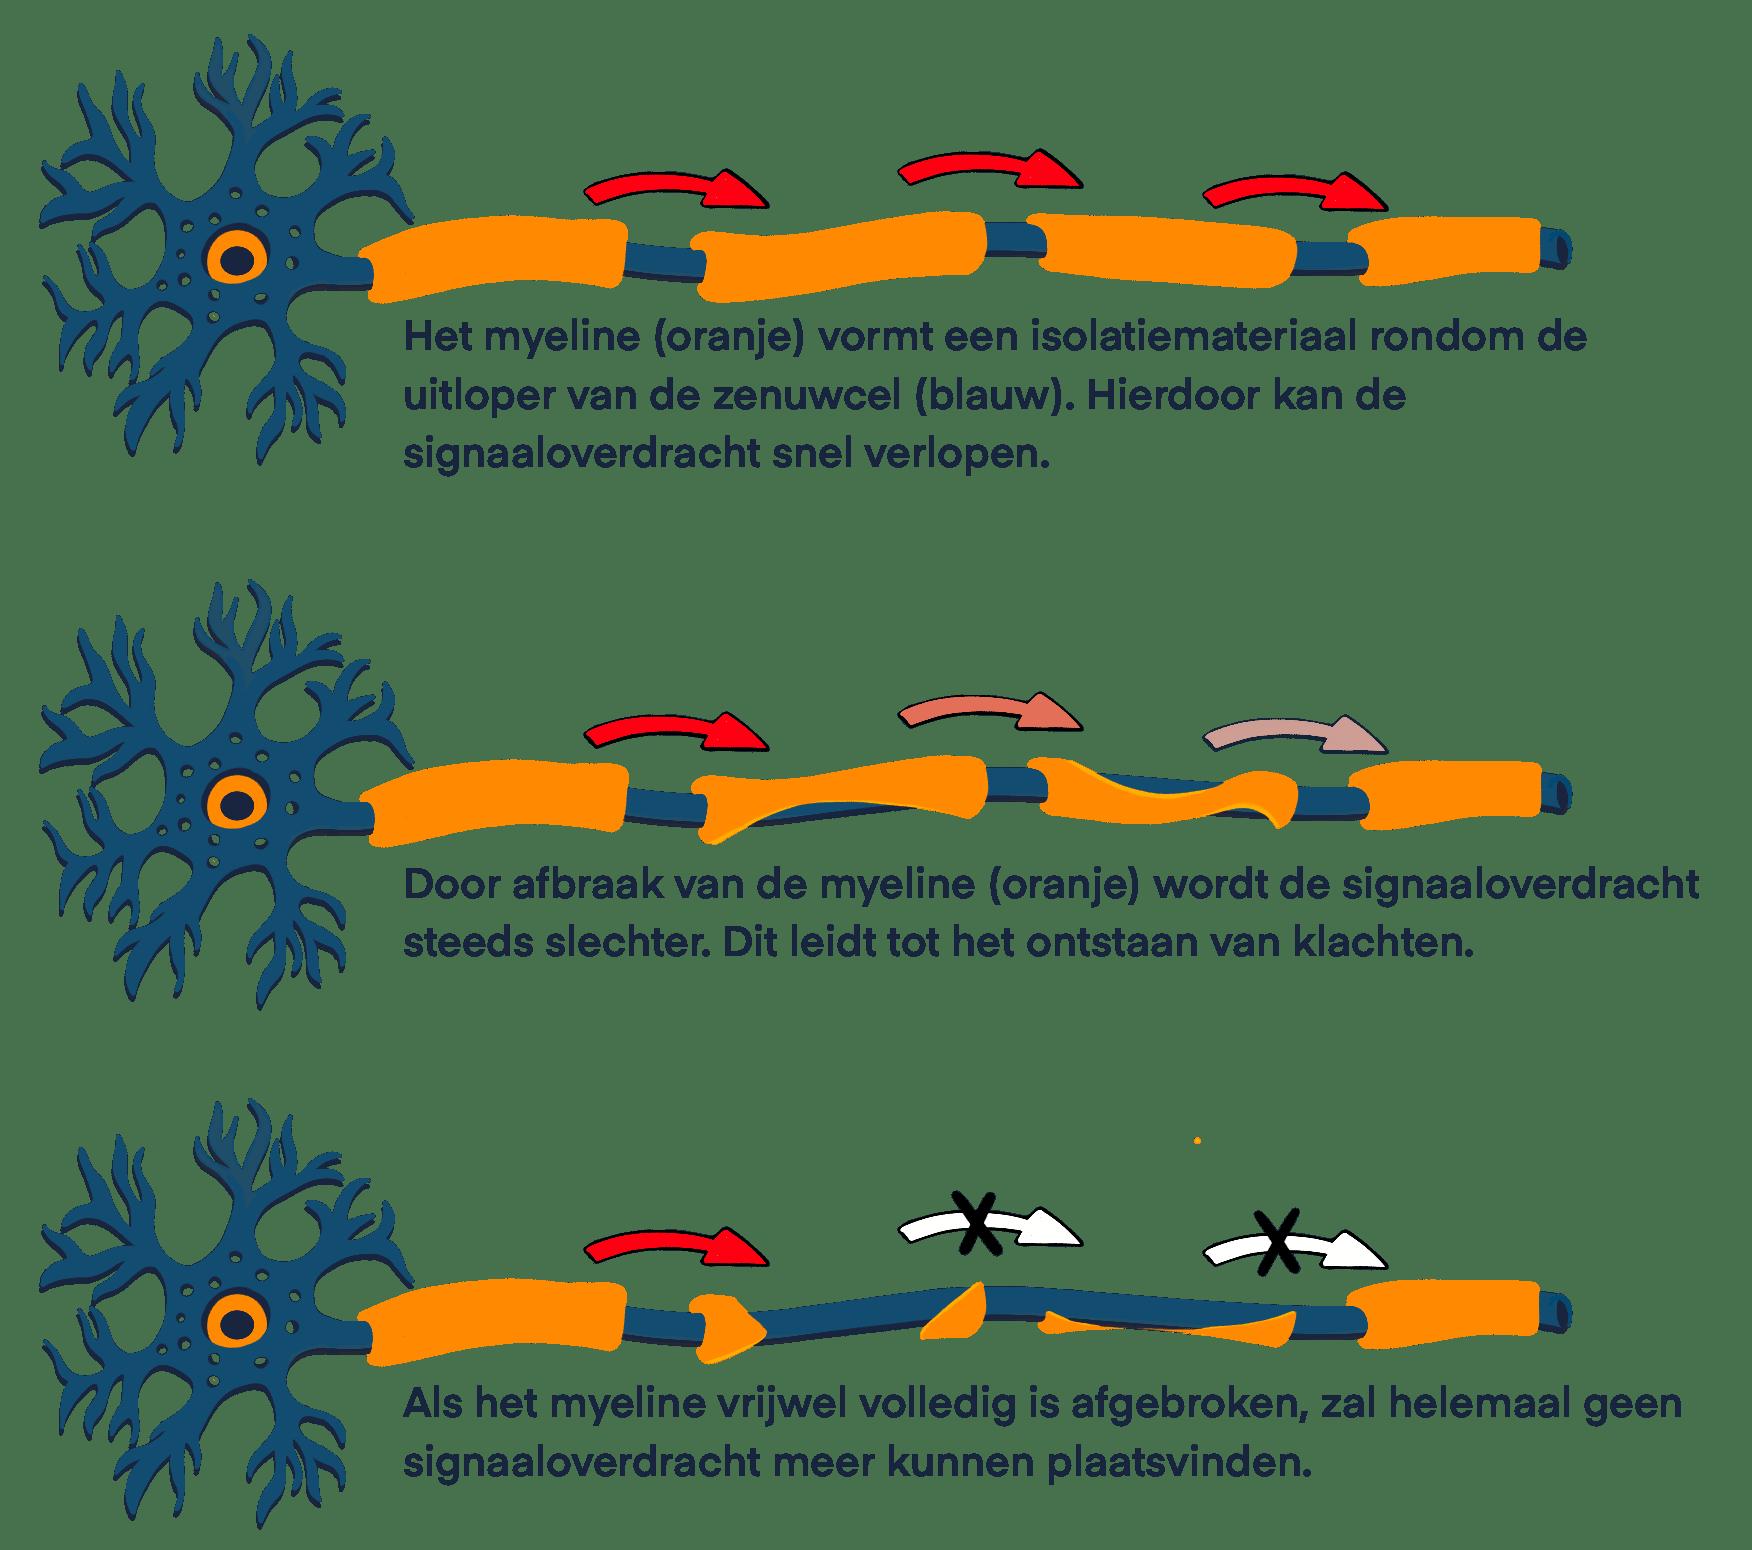 een grafische weergave van 3 zenuwcellen met een myeline laag die beschadigd waardoor signaaloverdracht verslechterd en zelfs niet meer plaatsvindt